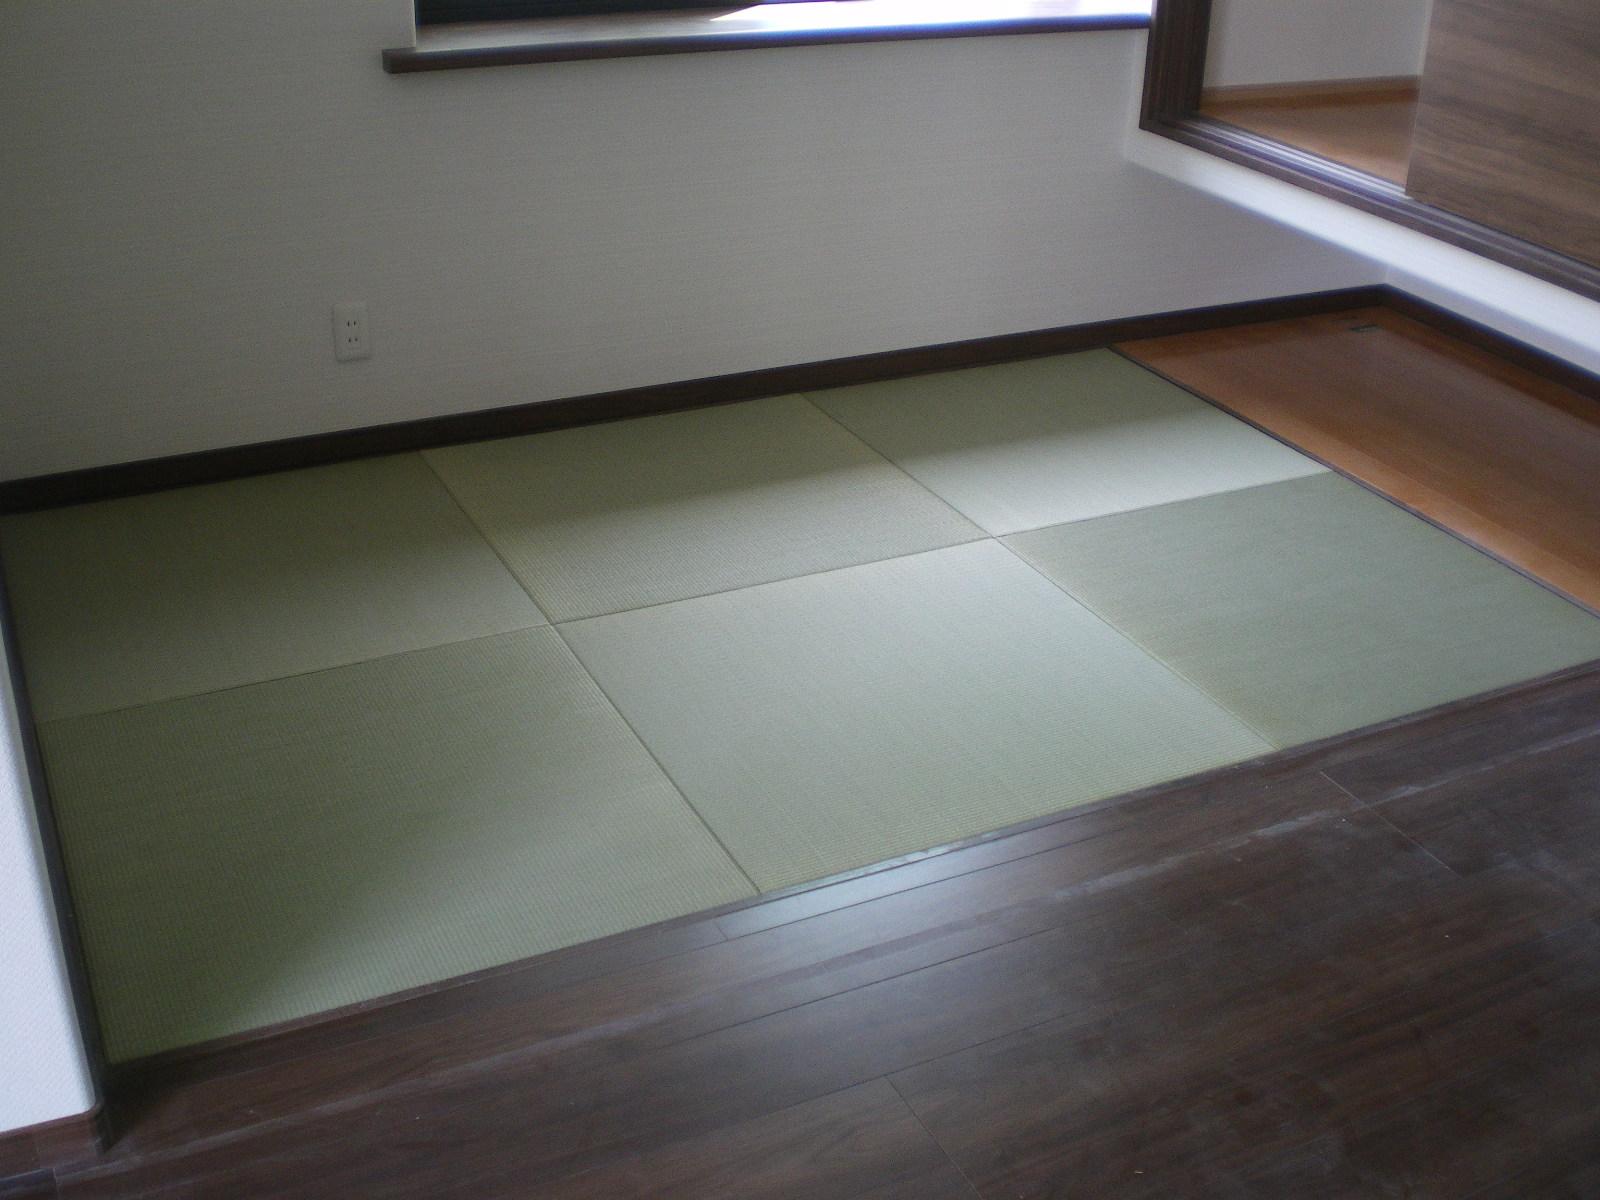 へりなし琉球畳(天然い草)※動画付き